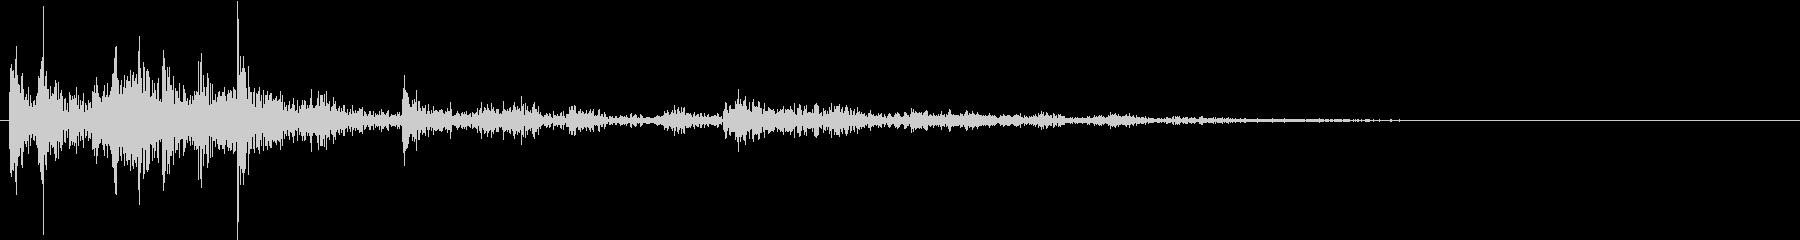 【生録音】ゴミの音 14 放り捨てるの未再生の波形